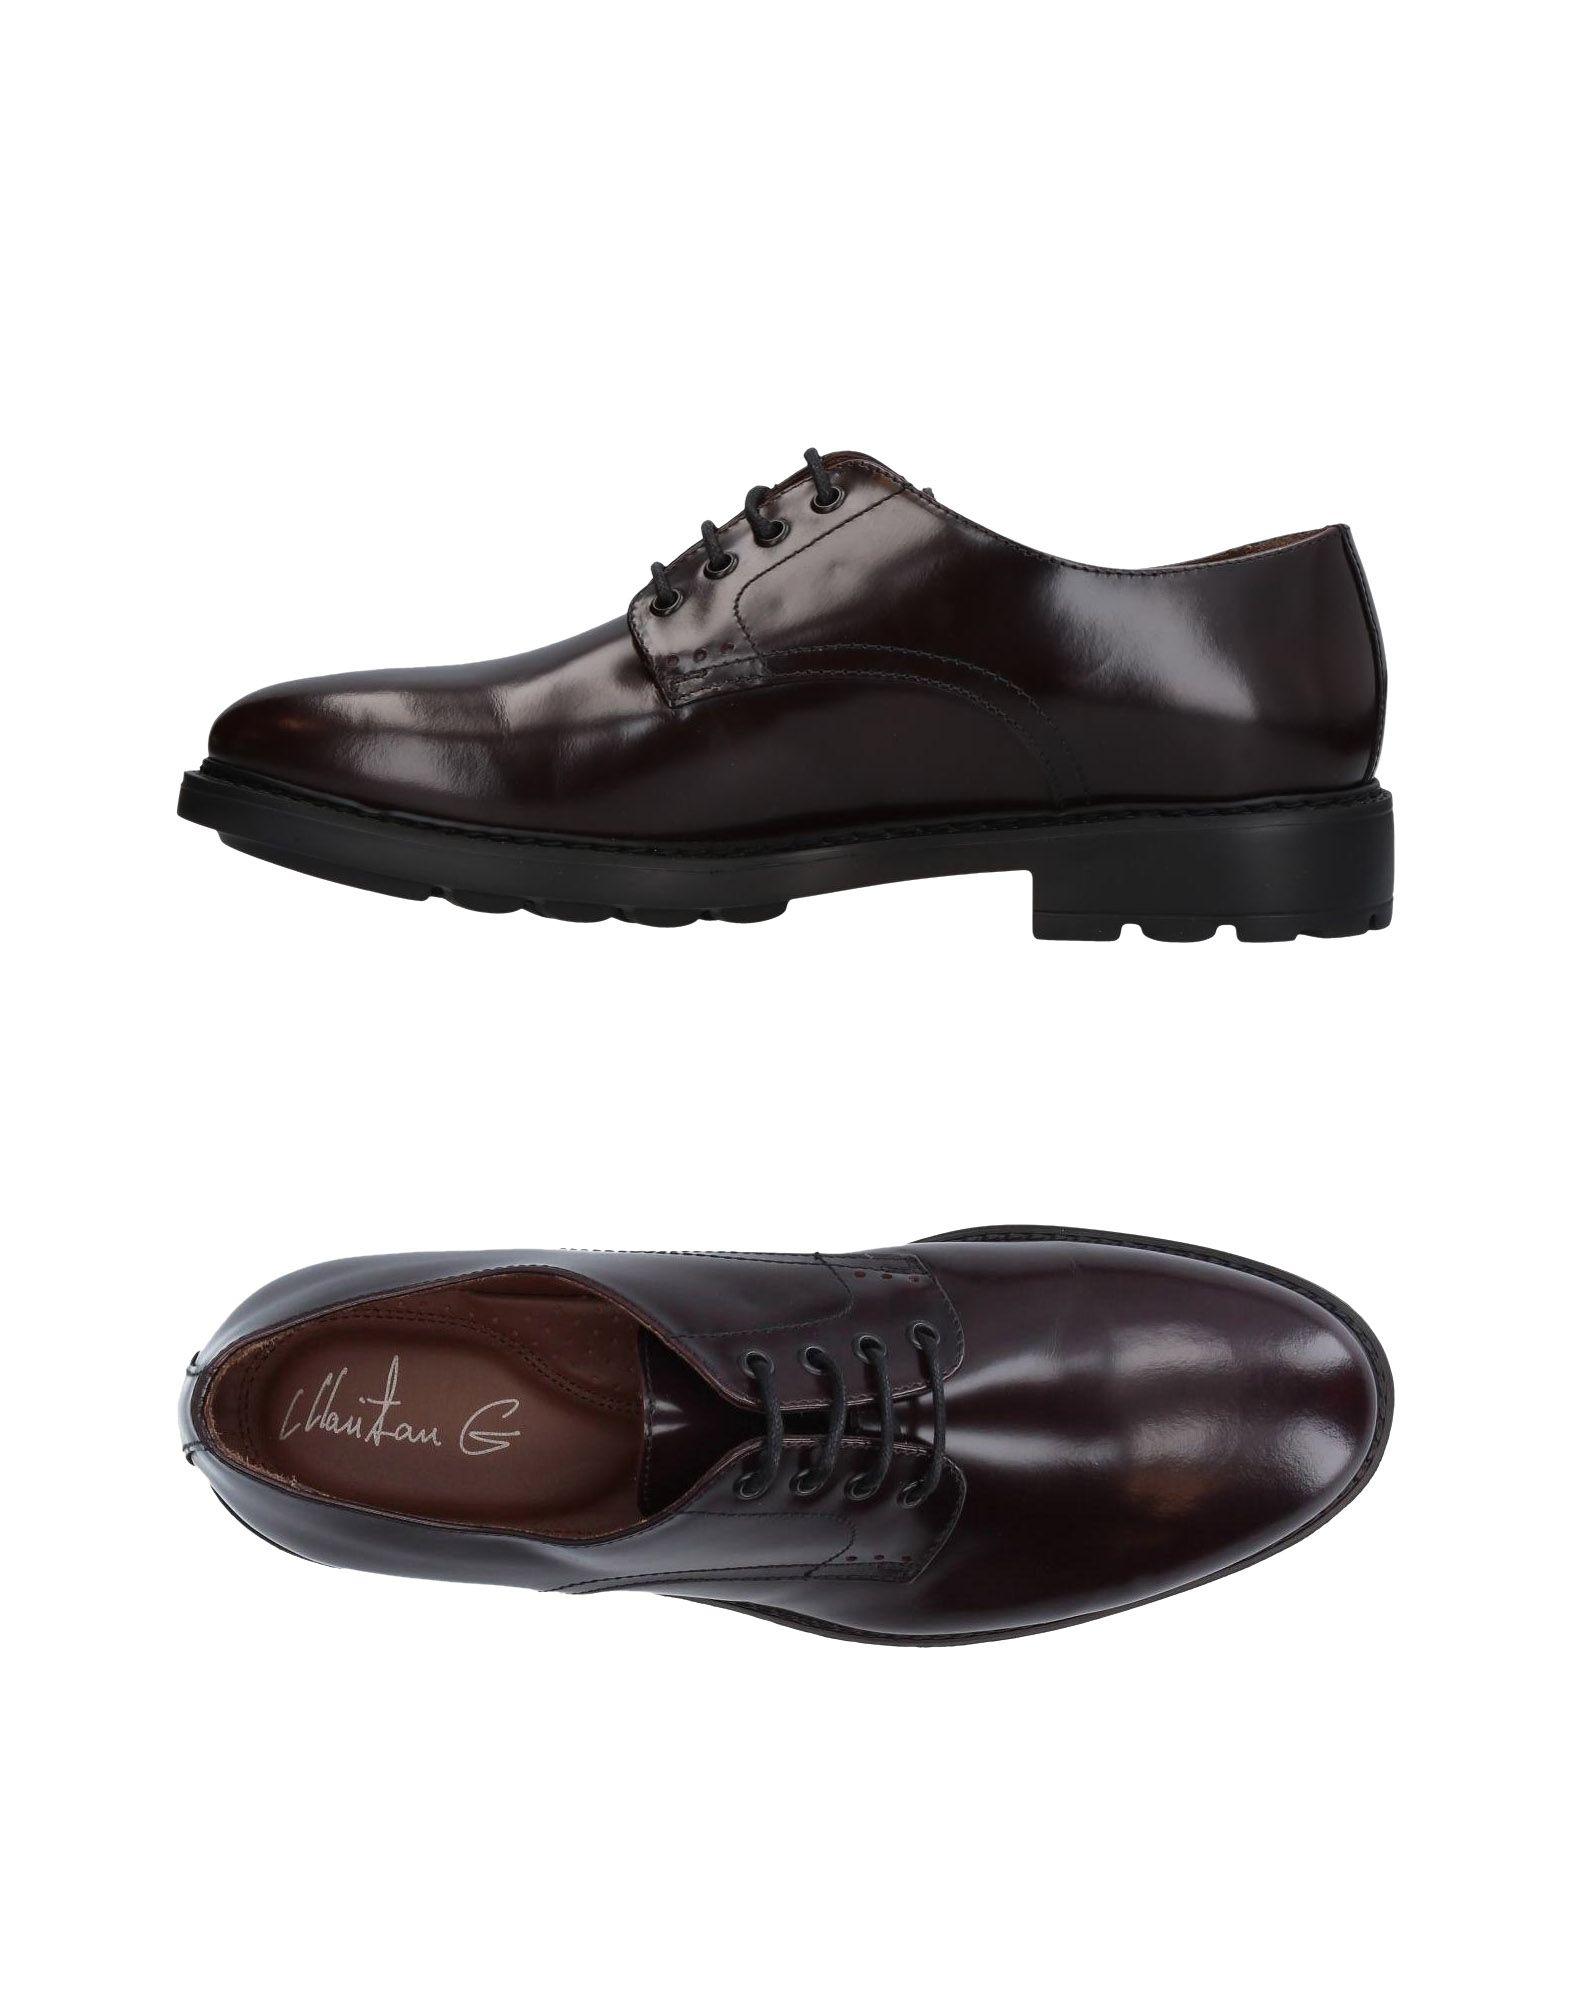 Rabatt echte Schuhe Maritan G Schnürschuhe Herren  11363992UB